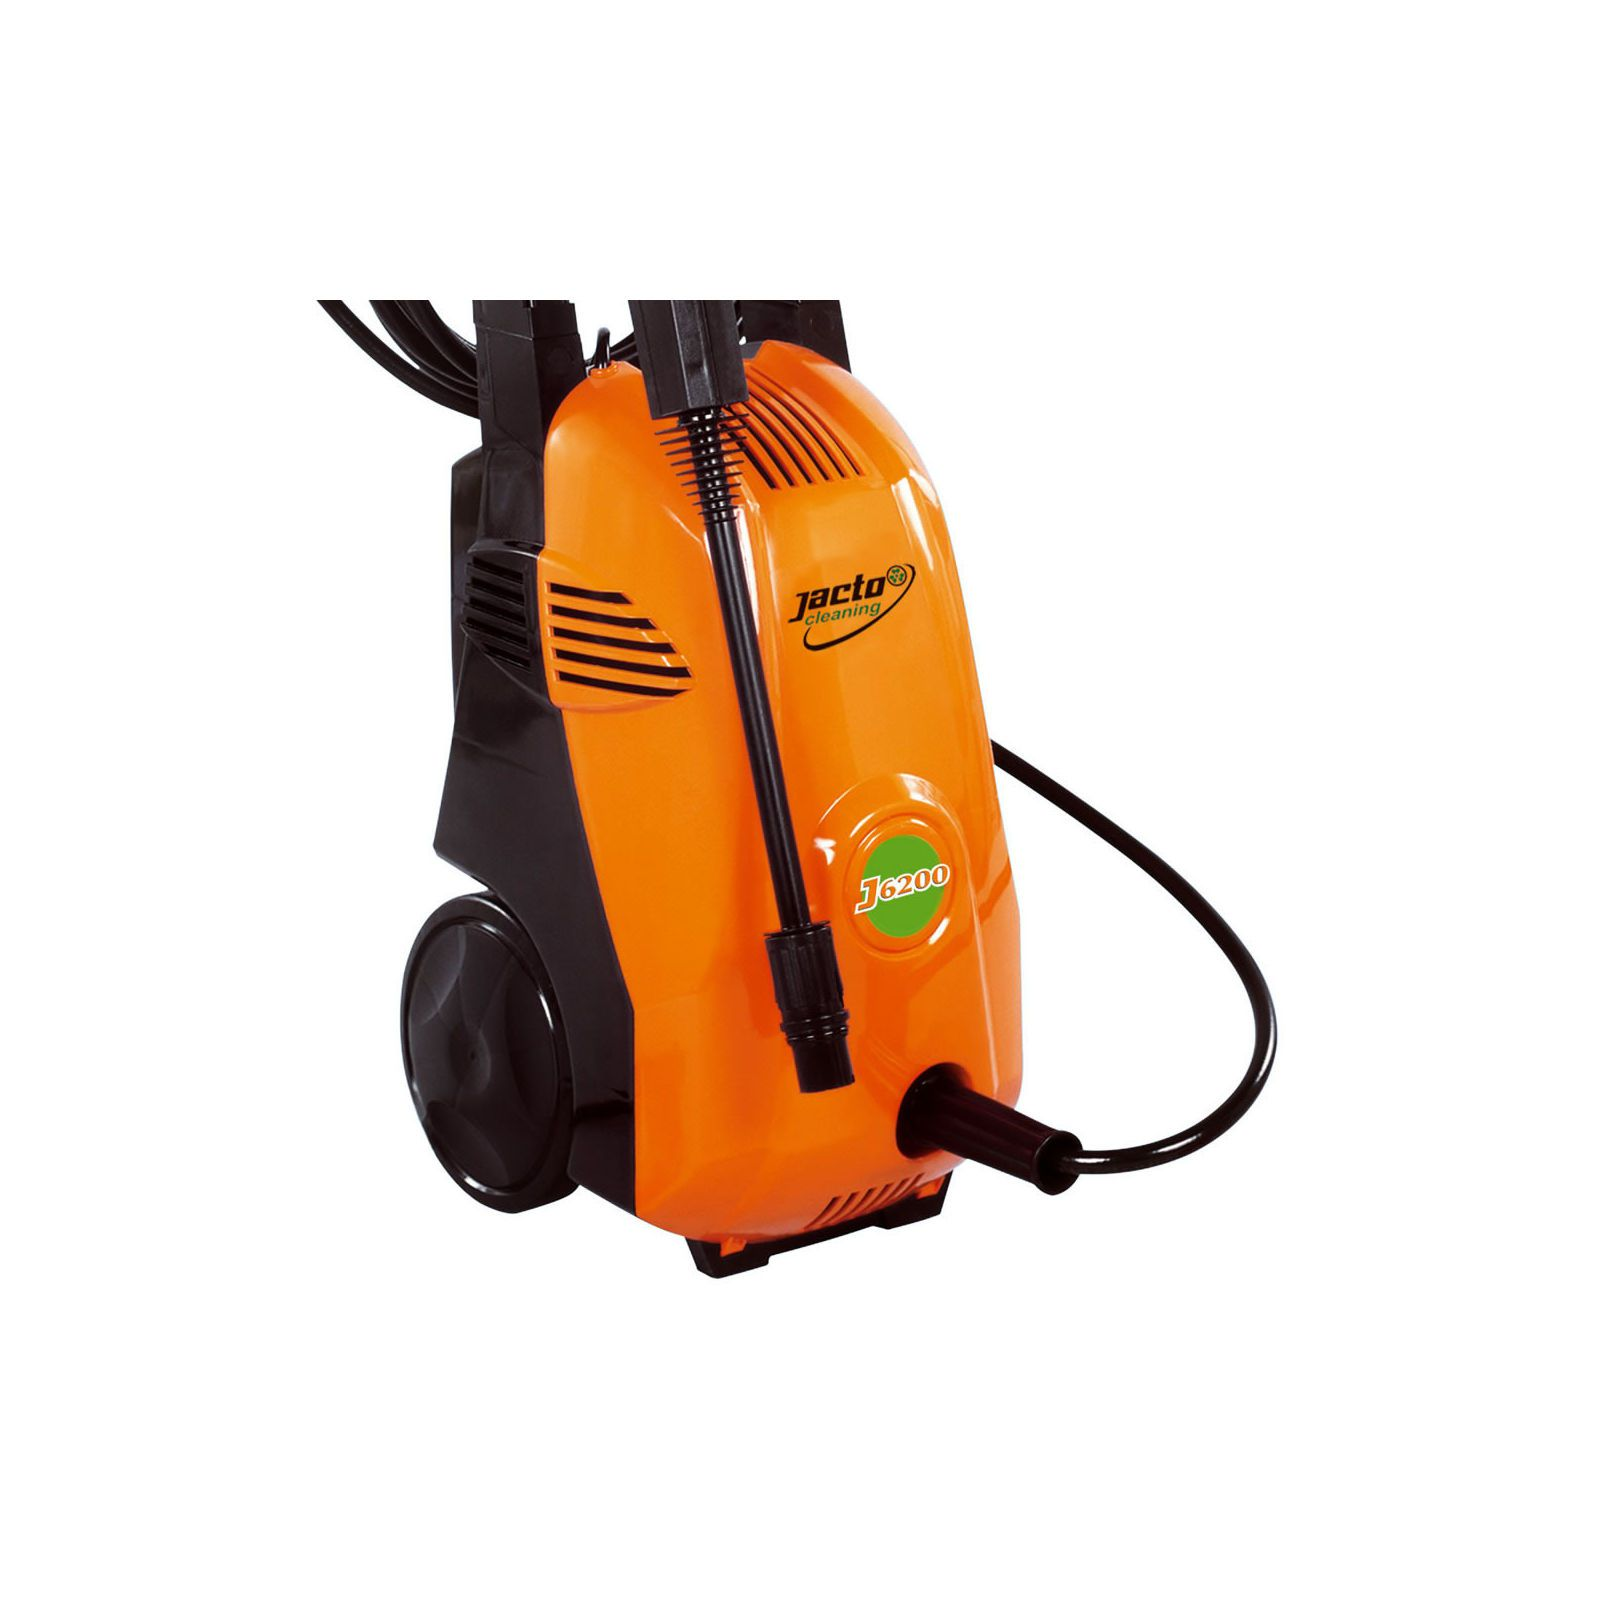 Lavadora de Alta Pressão Jacto J6000 - 220V